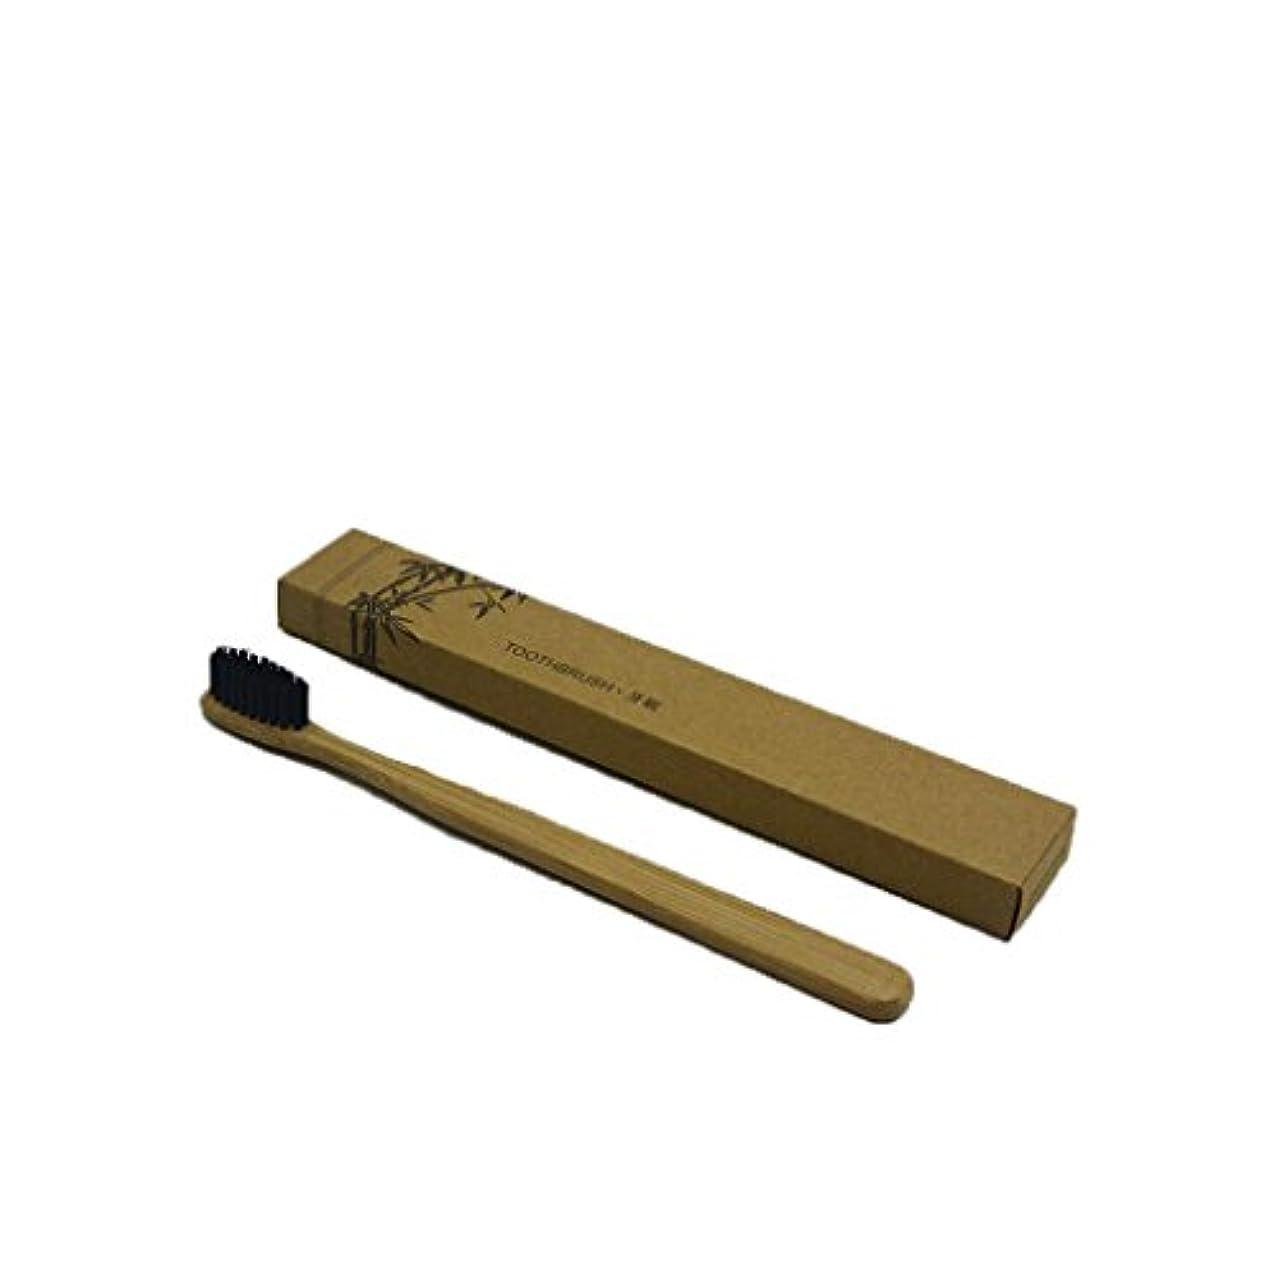 層球体アパートArichops 竹製歯ブラシ ミディアム及びソフト、生分解性、ビーガン、バイオ、エコ、持続可能な木製ハンドル、ホワイトニング 歯 竹歯ブラシ 【品質保証】